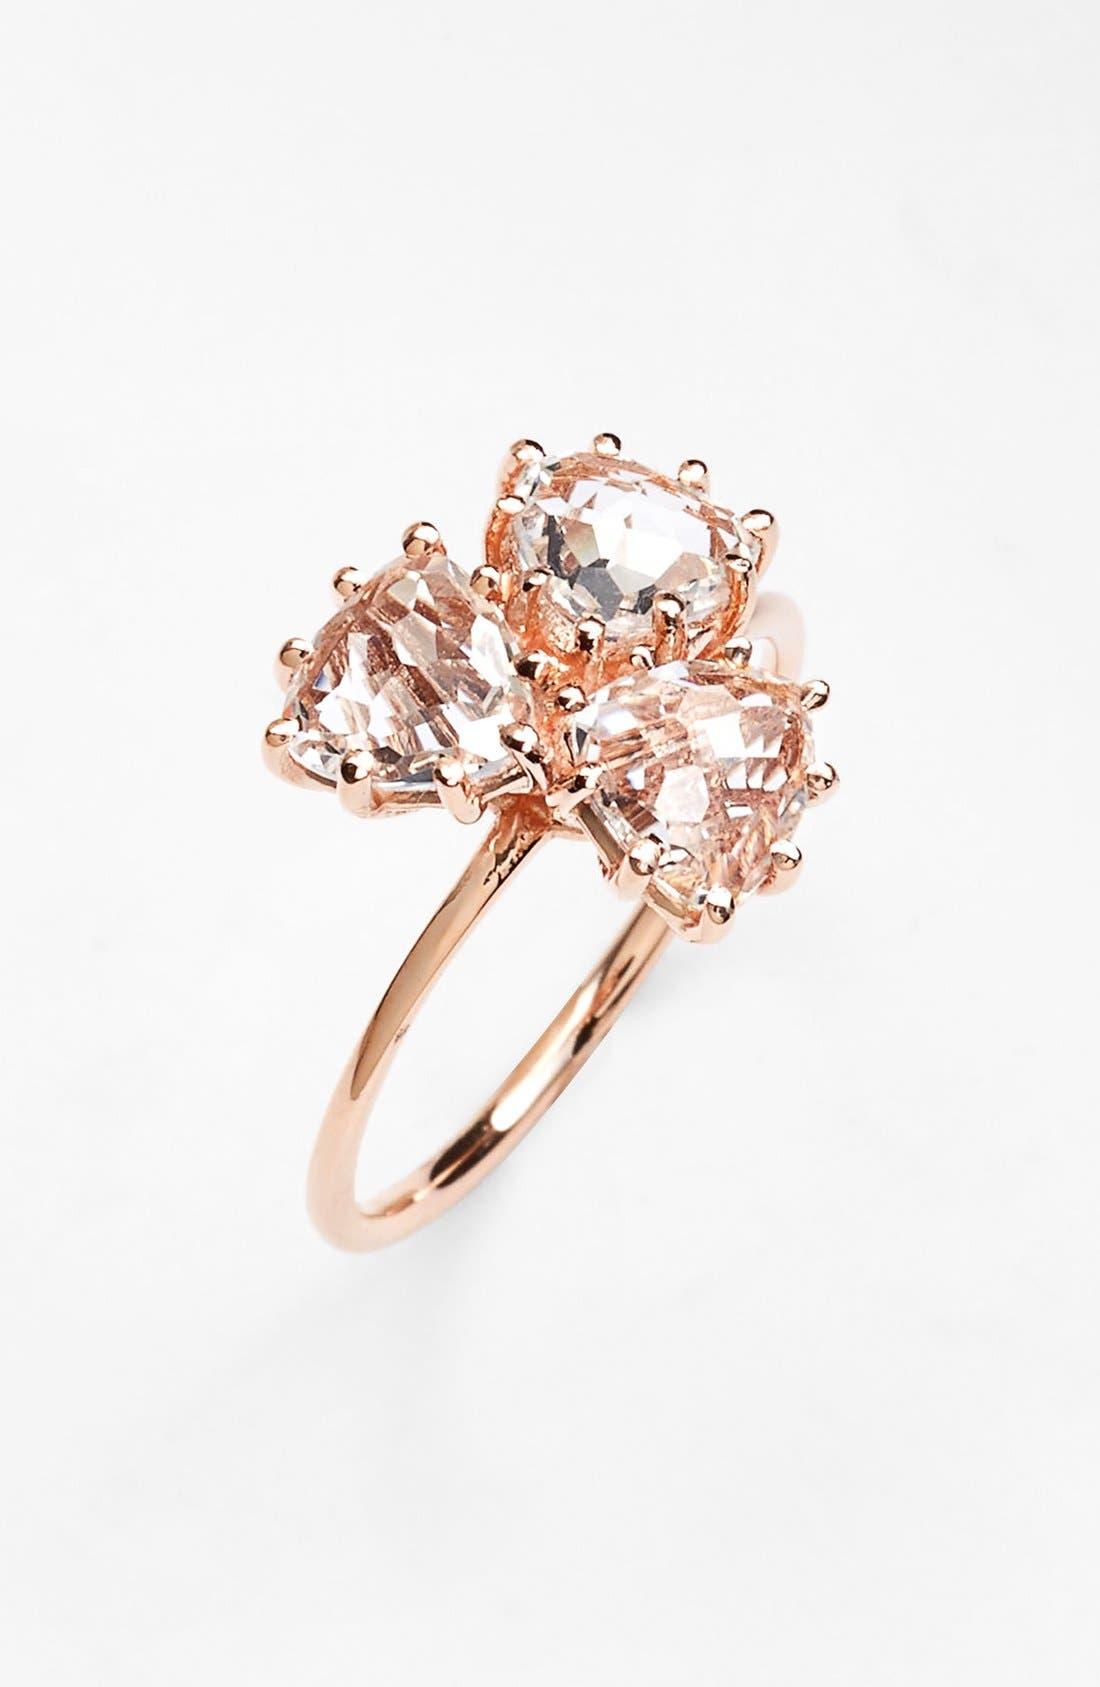 SUZANNE KALAN KALAN by Suzanne Kalan Triple Trillion Stone Ring